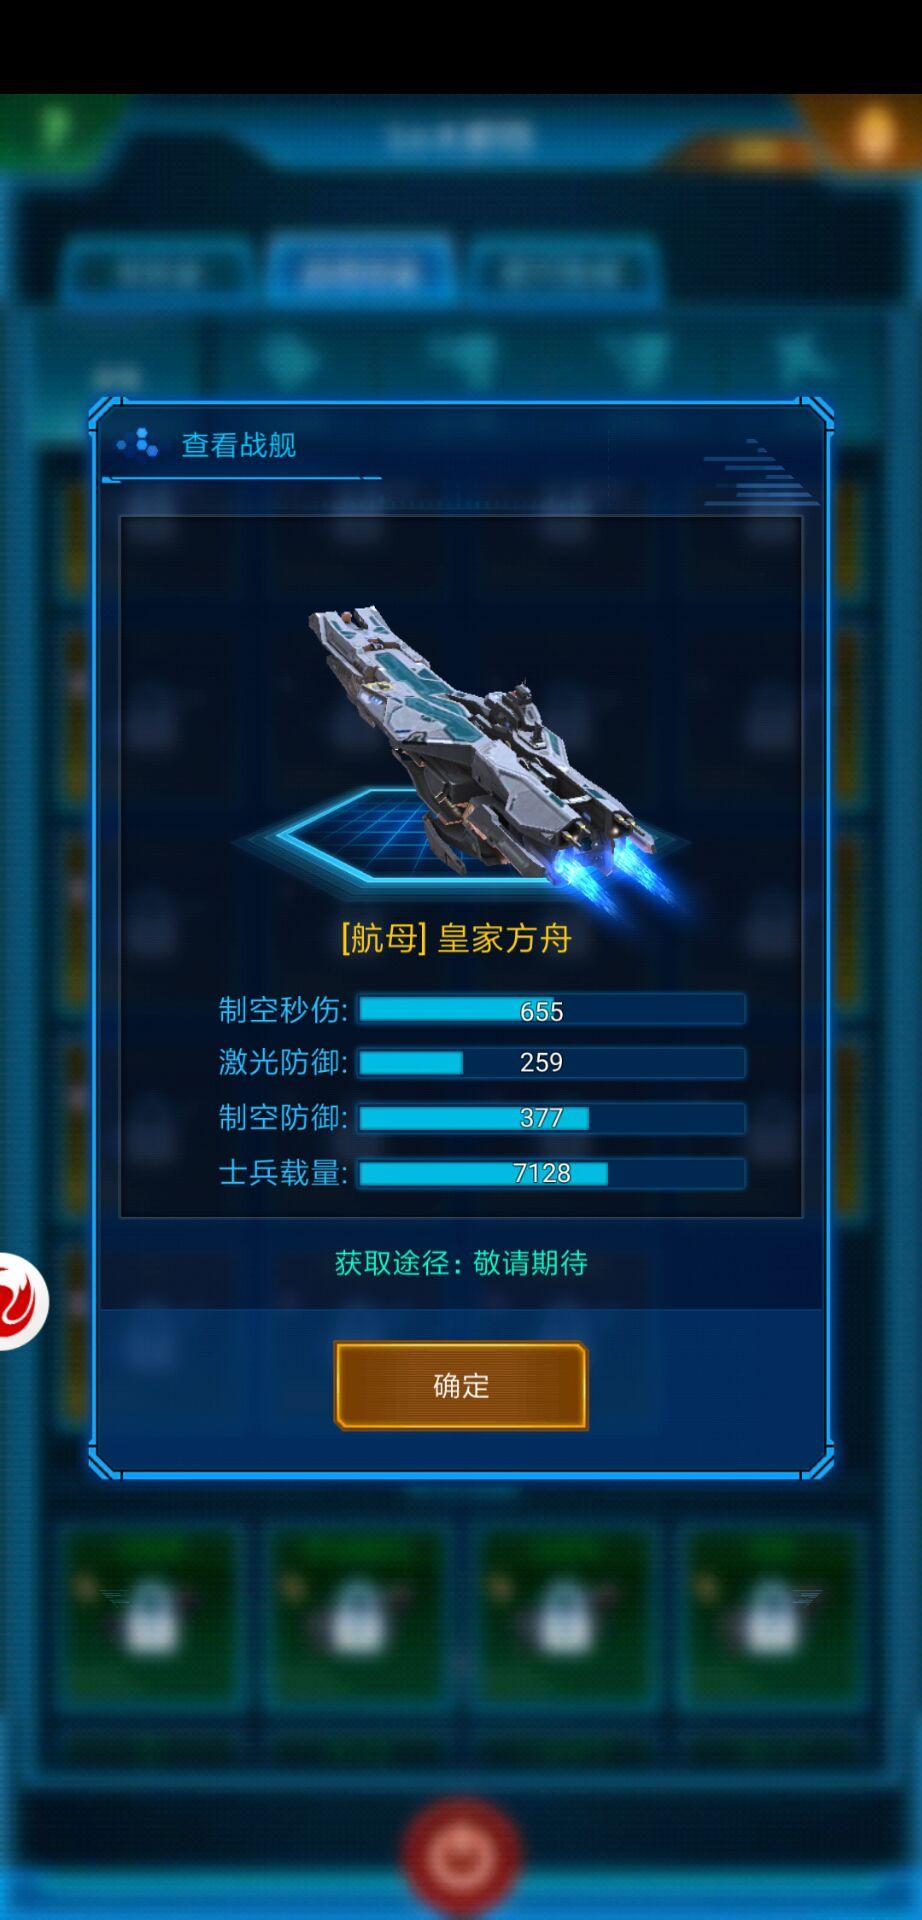 27E49BF52A4C6B63BF5546EC4B8BE13A.jpg